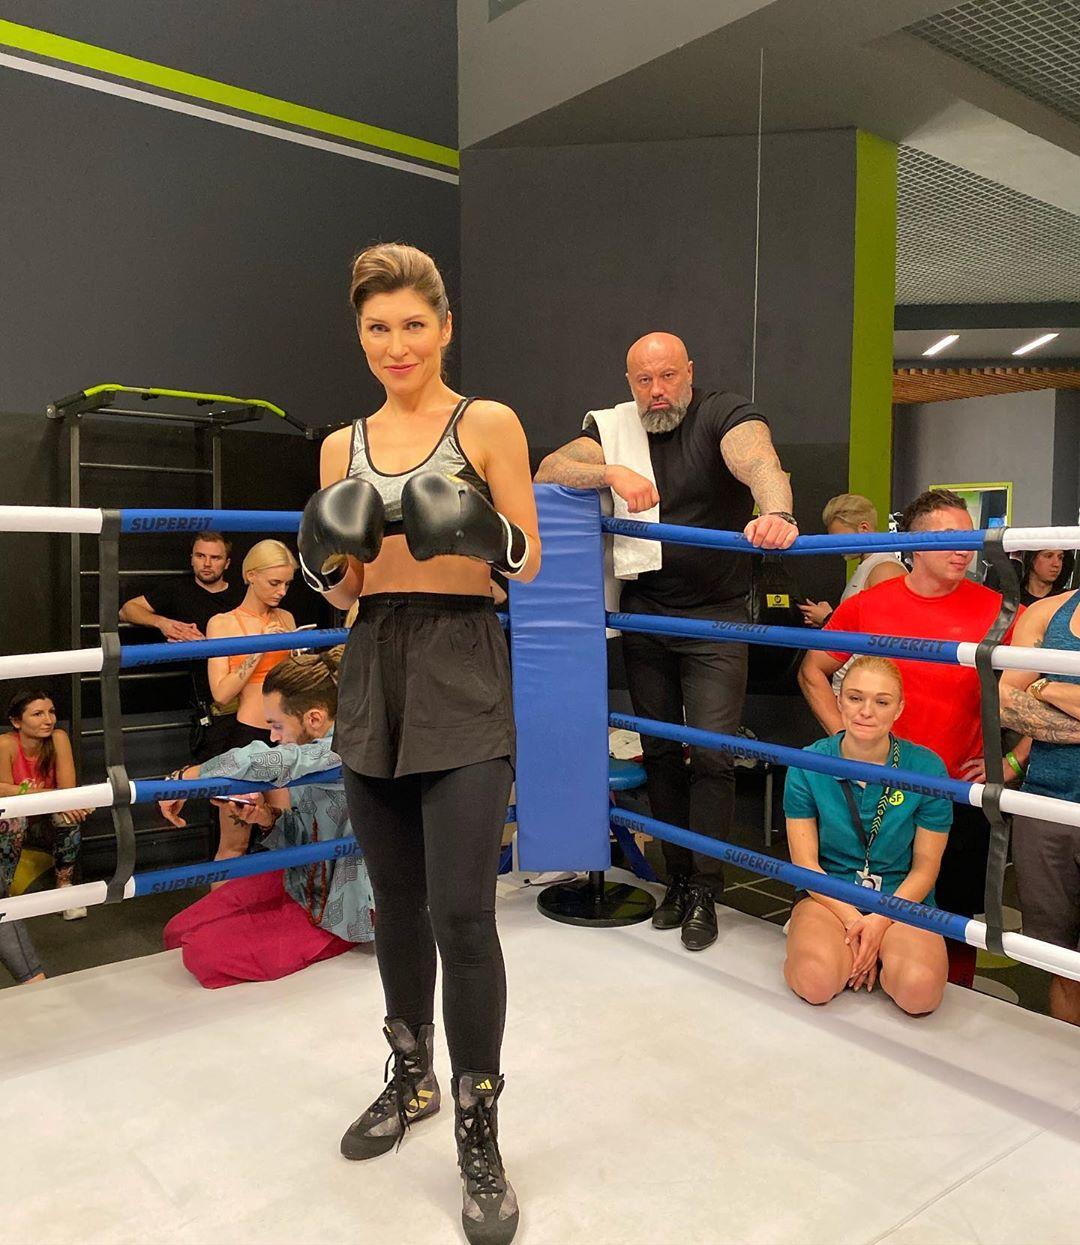 Светлана Камынина активно занимается спортом и выглядит потрясающе 🤗